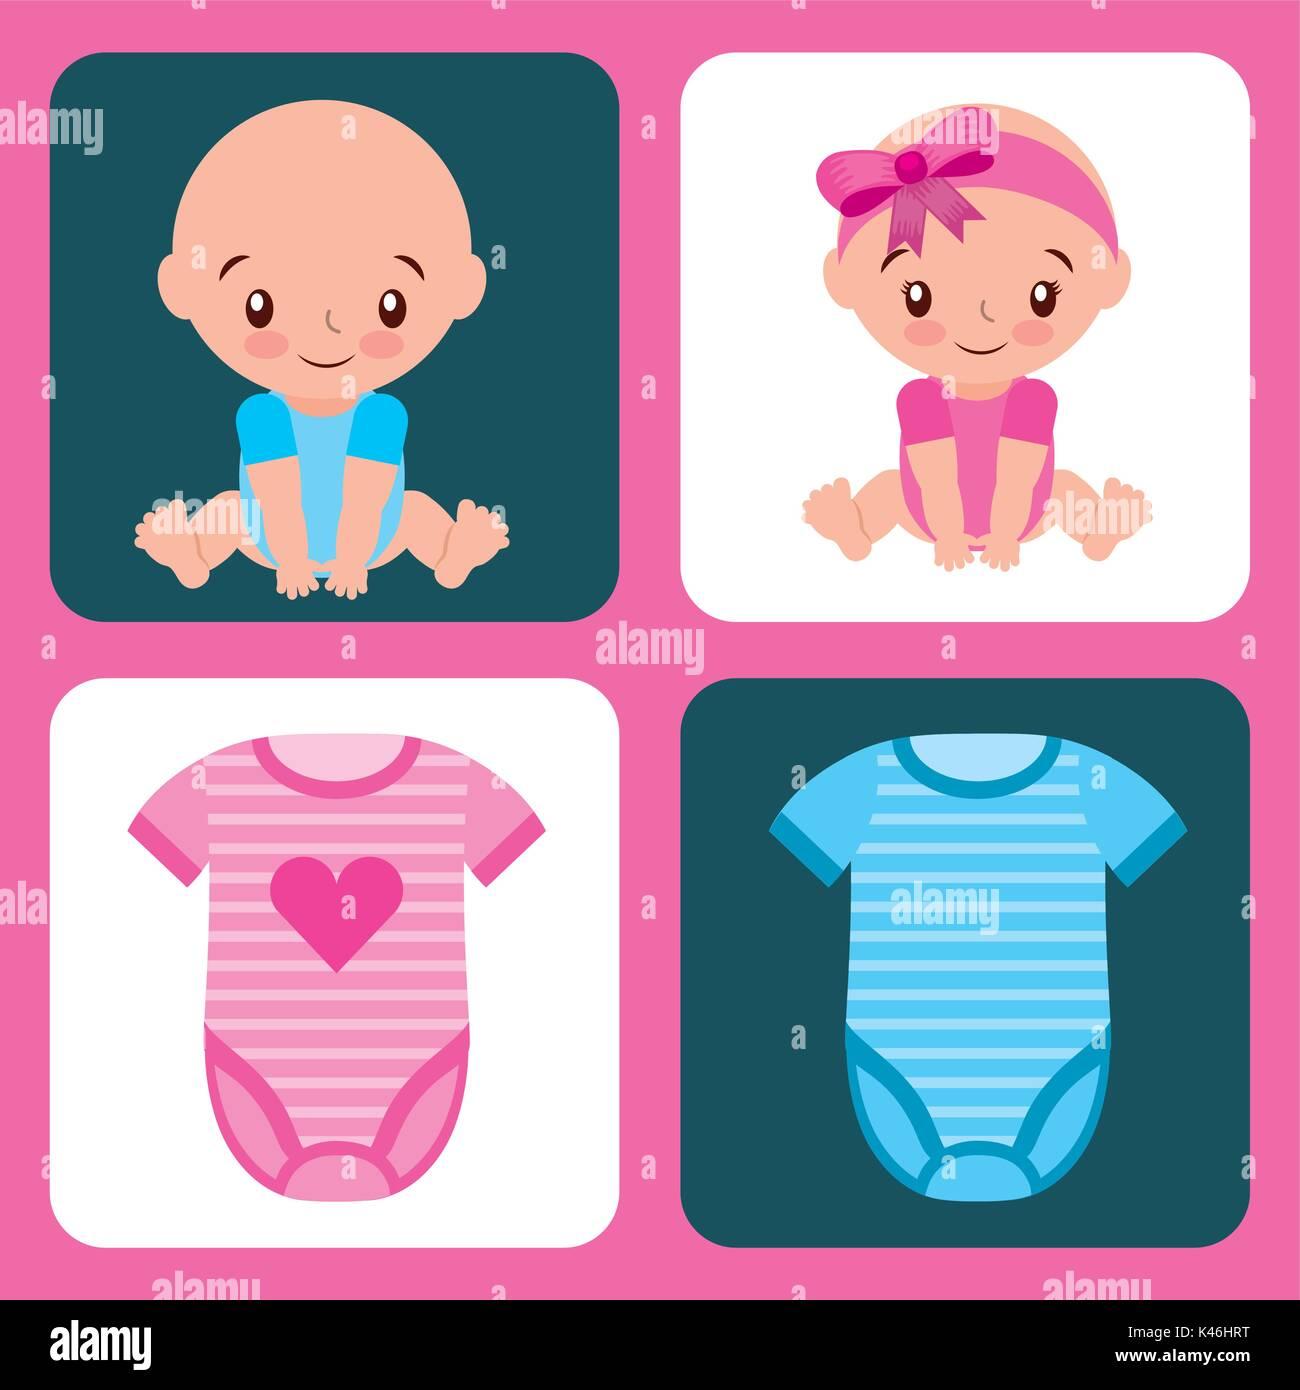 Lindo Juego Para Baby Shower De Nina Y Nino Ropa Ilustracion Del